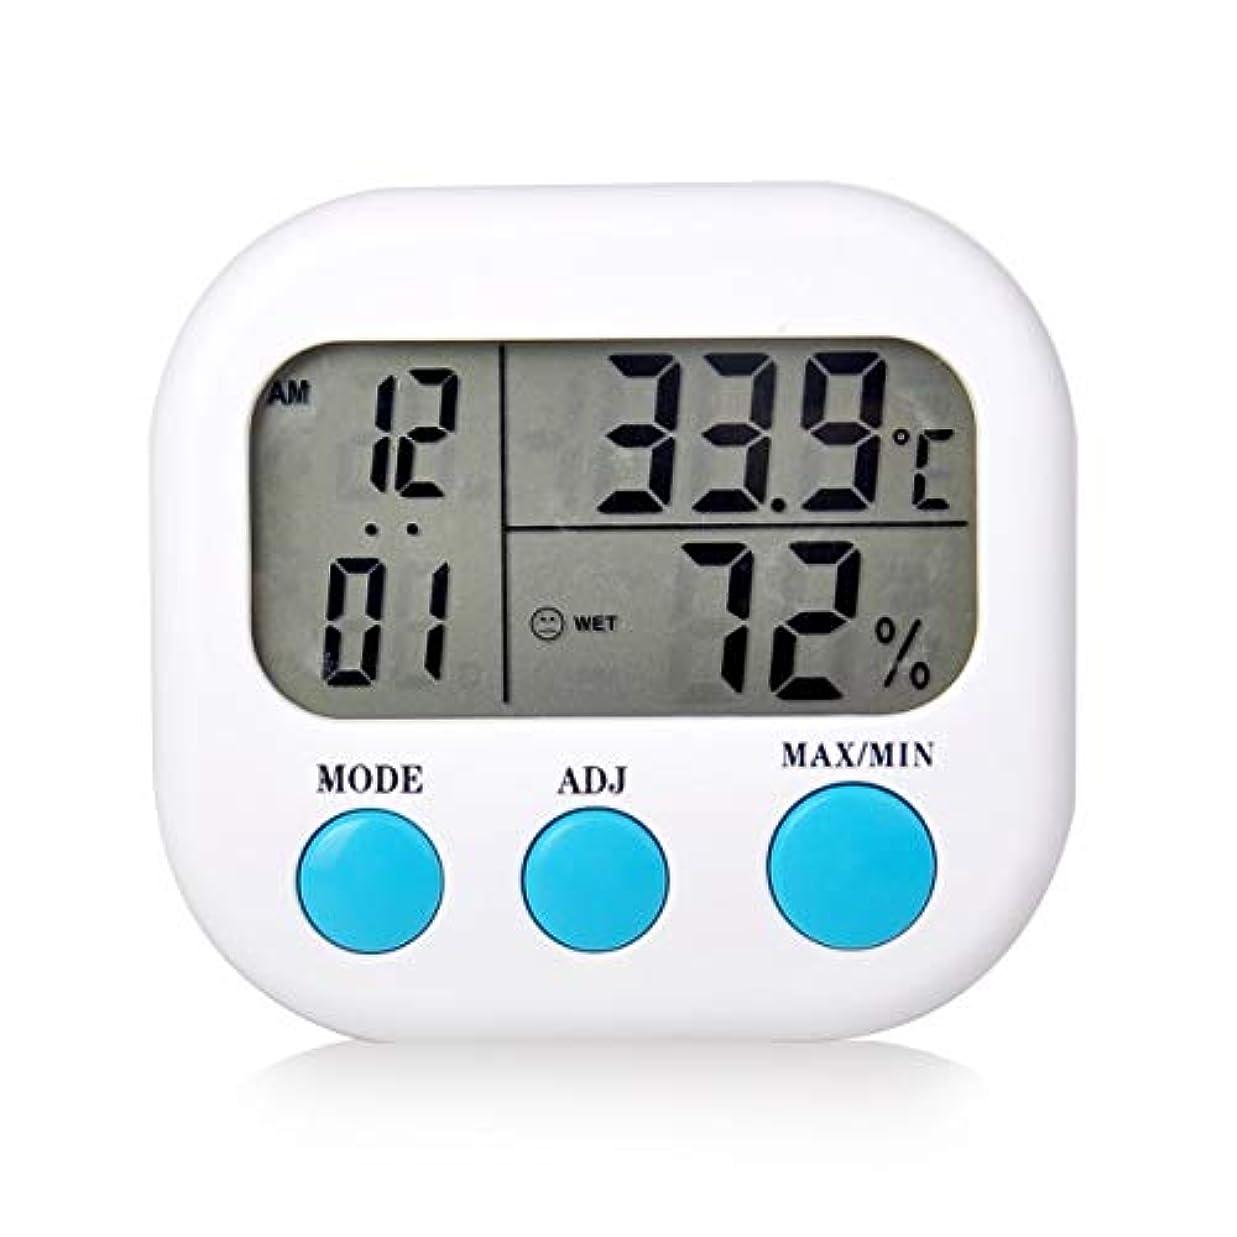 甥分離鷲Saikogoods 電子体温計湿度計 デジタルディスプレイ 温度湿度モニター アラーム時計 屋内家庭用 白